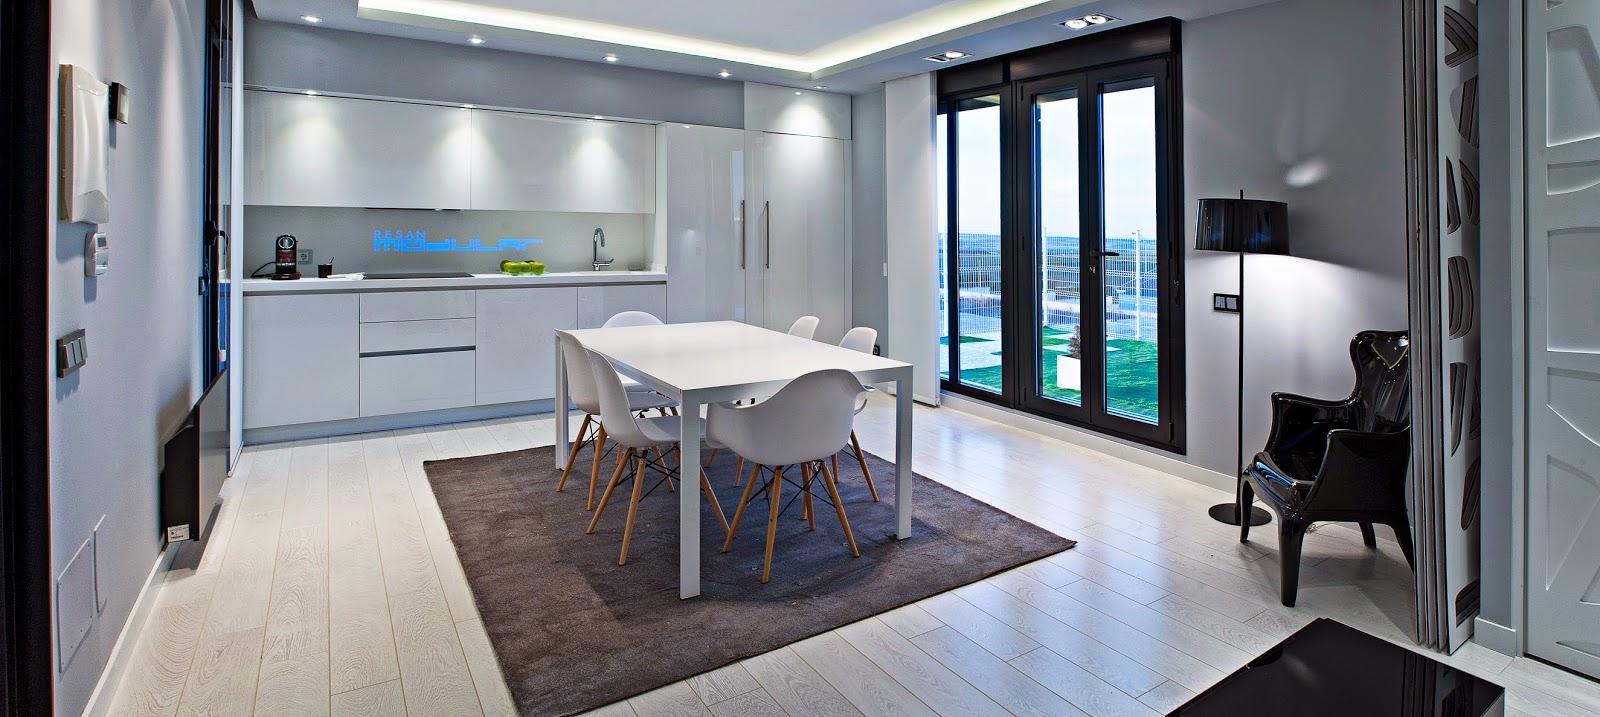 Diseño y estilo para baños y cocinas en nuestras casas modulares ...